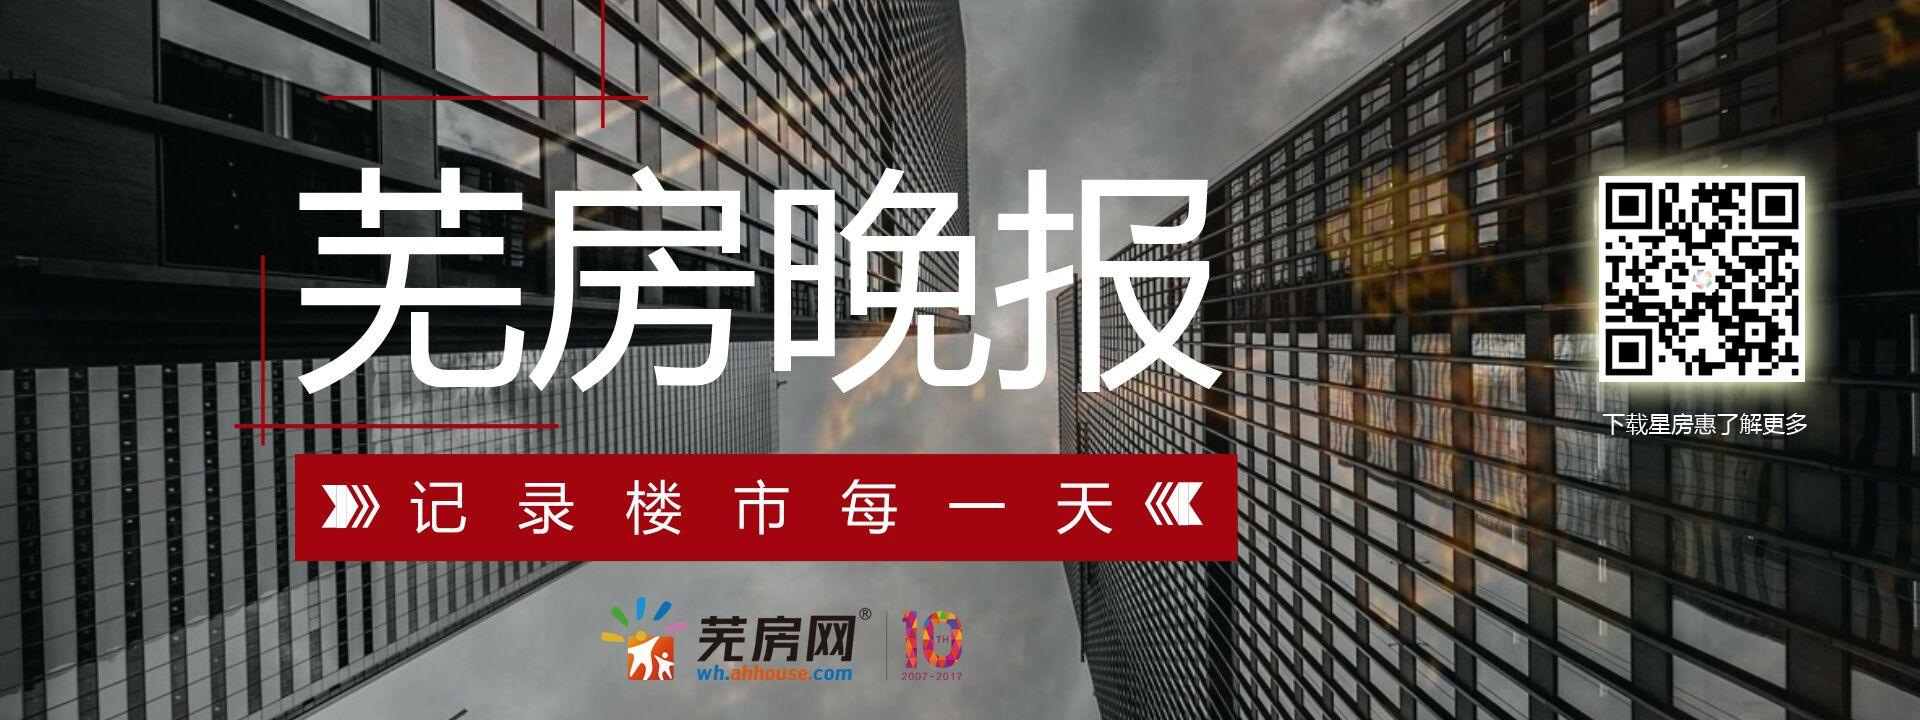 2.8芜房晚报:芜湖房租最新情况 各区仍在上涨